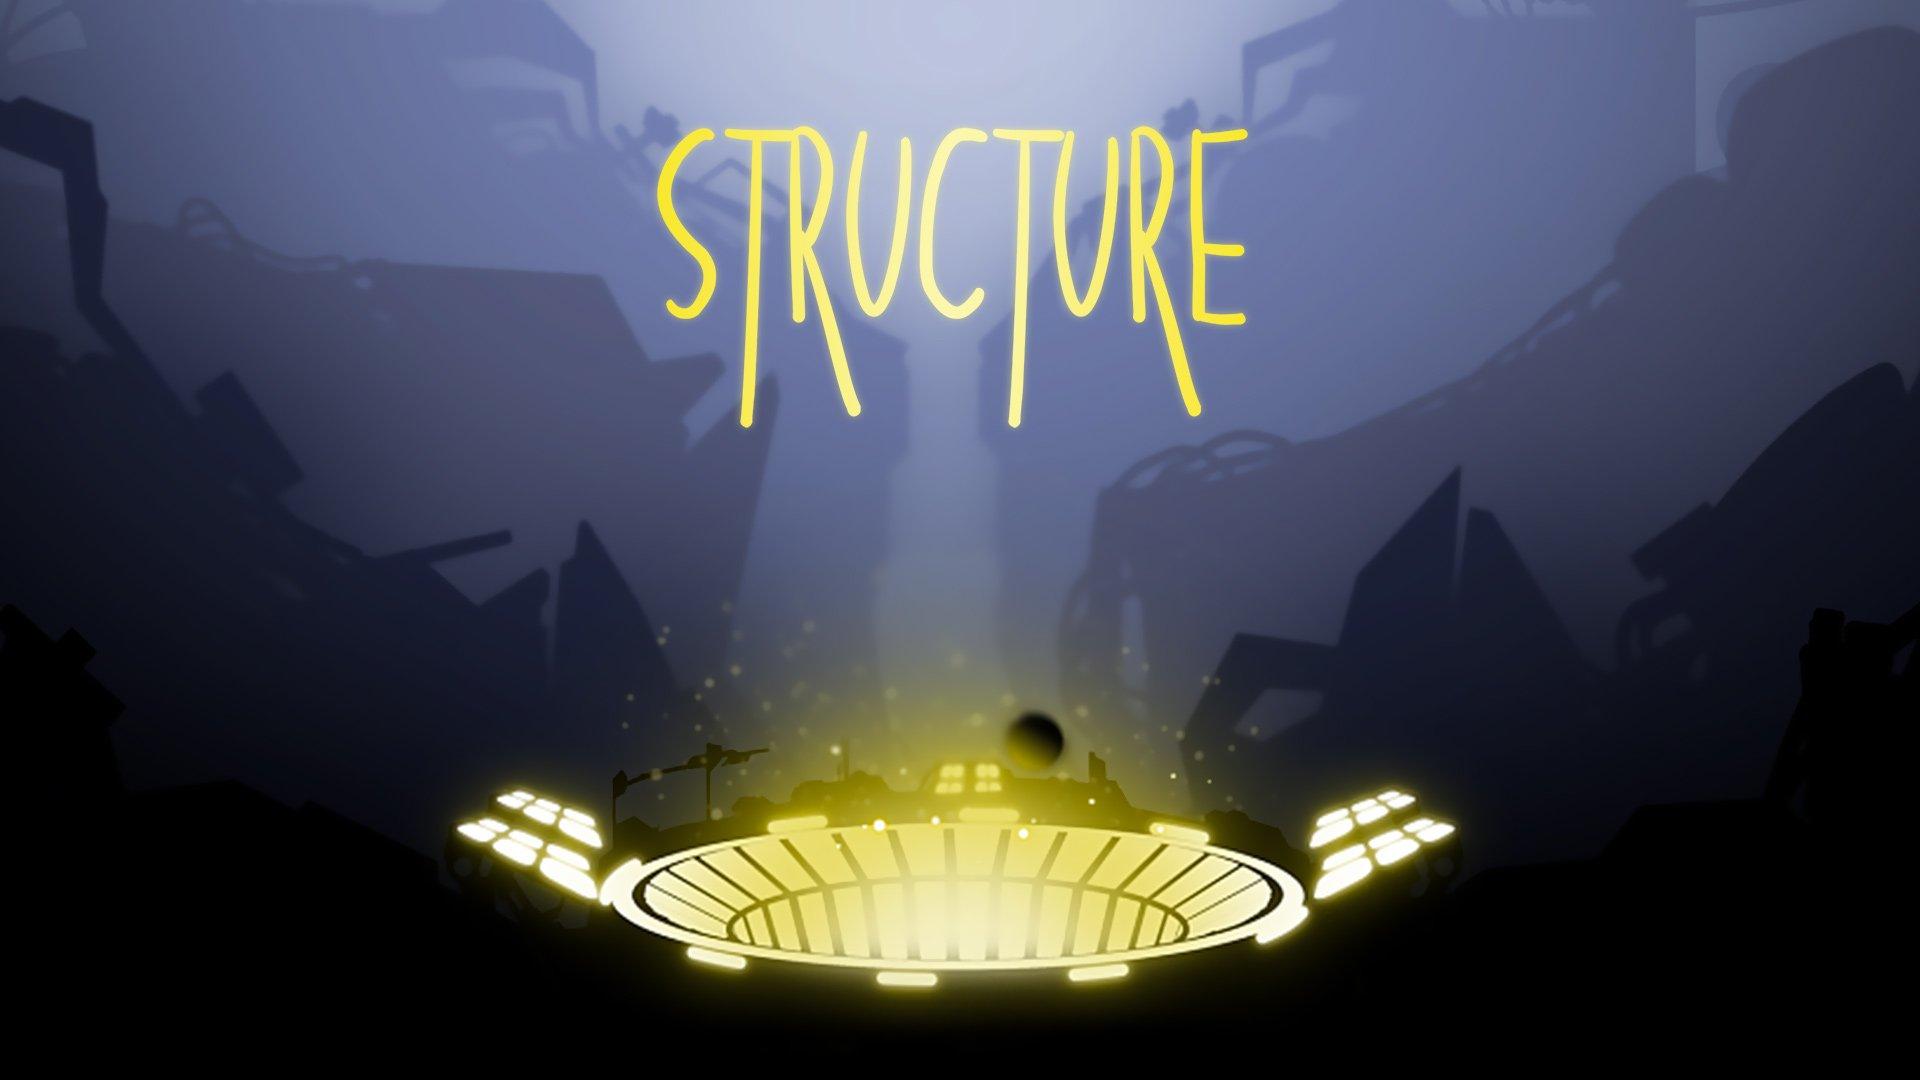 Хардкорный экшн Structure находится в разработке. - Изображение 1